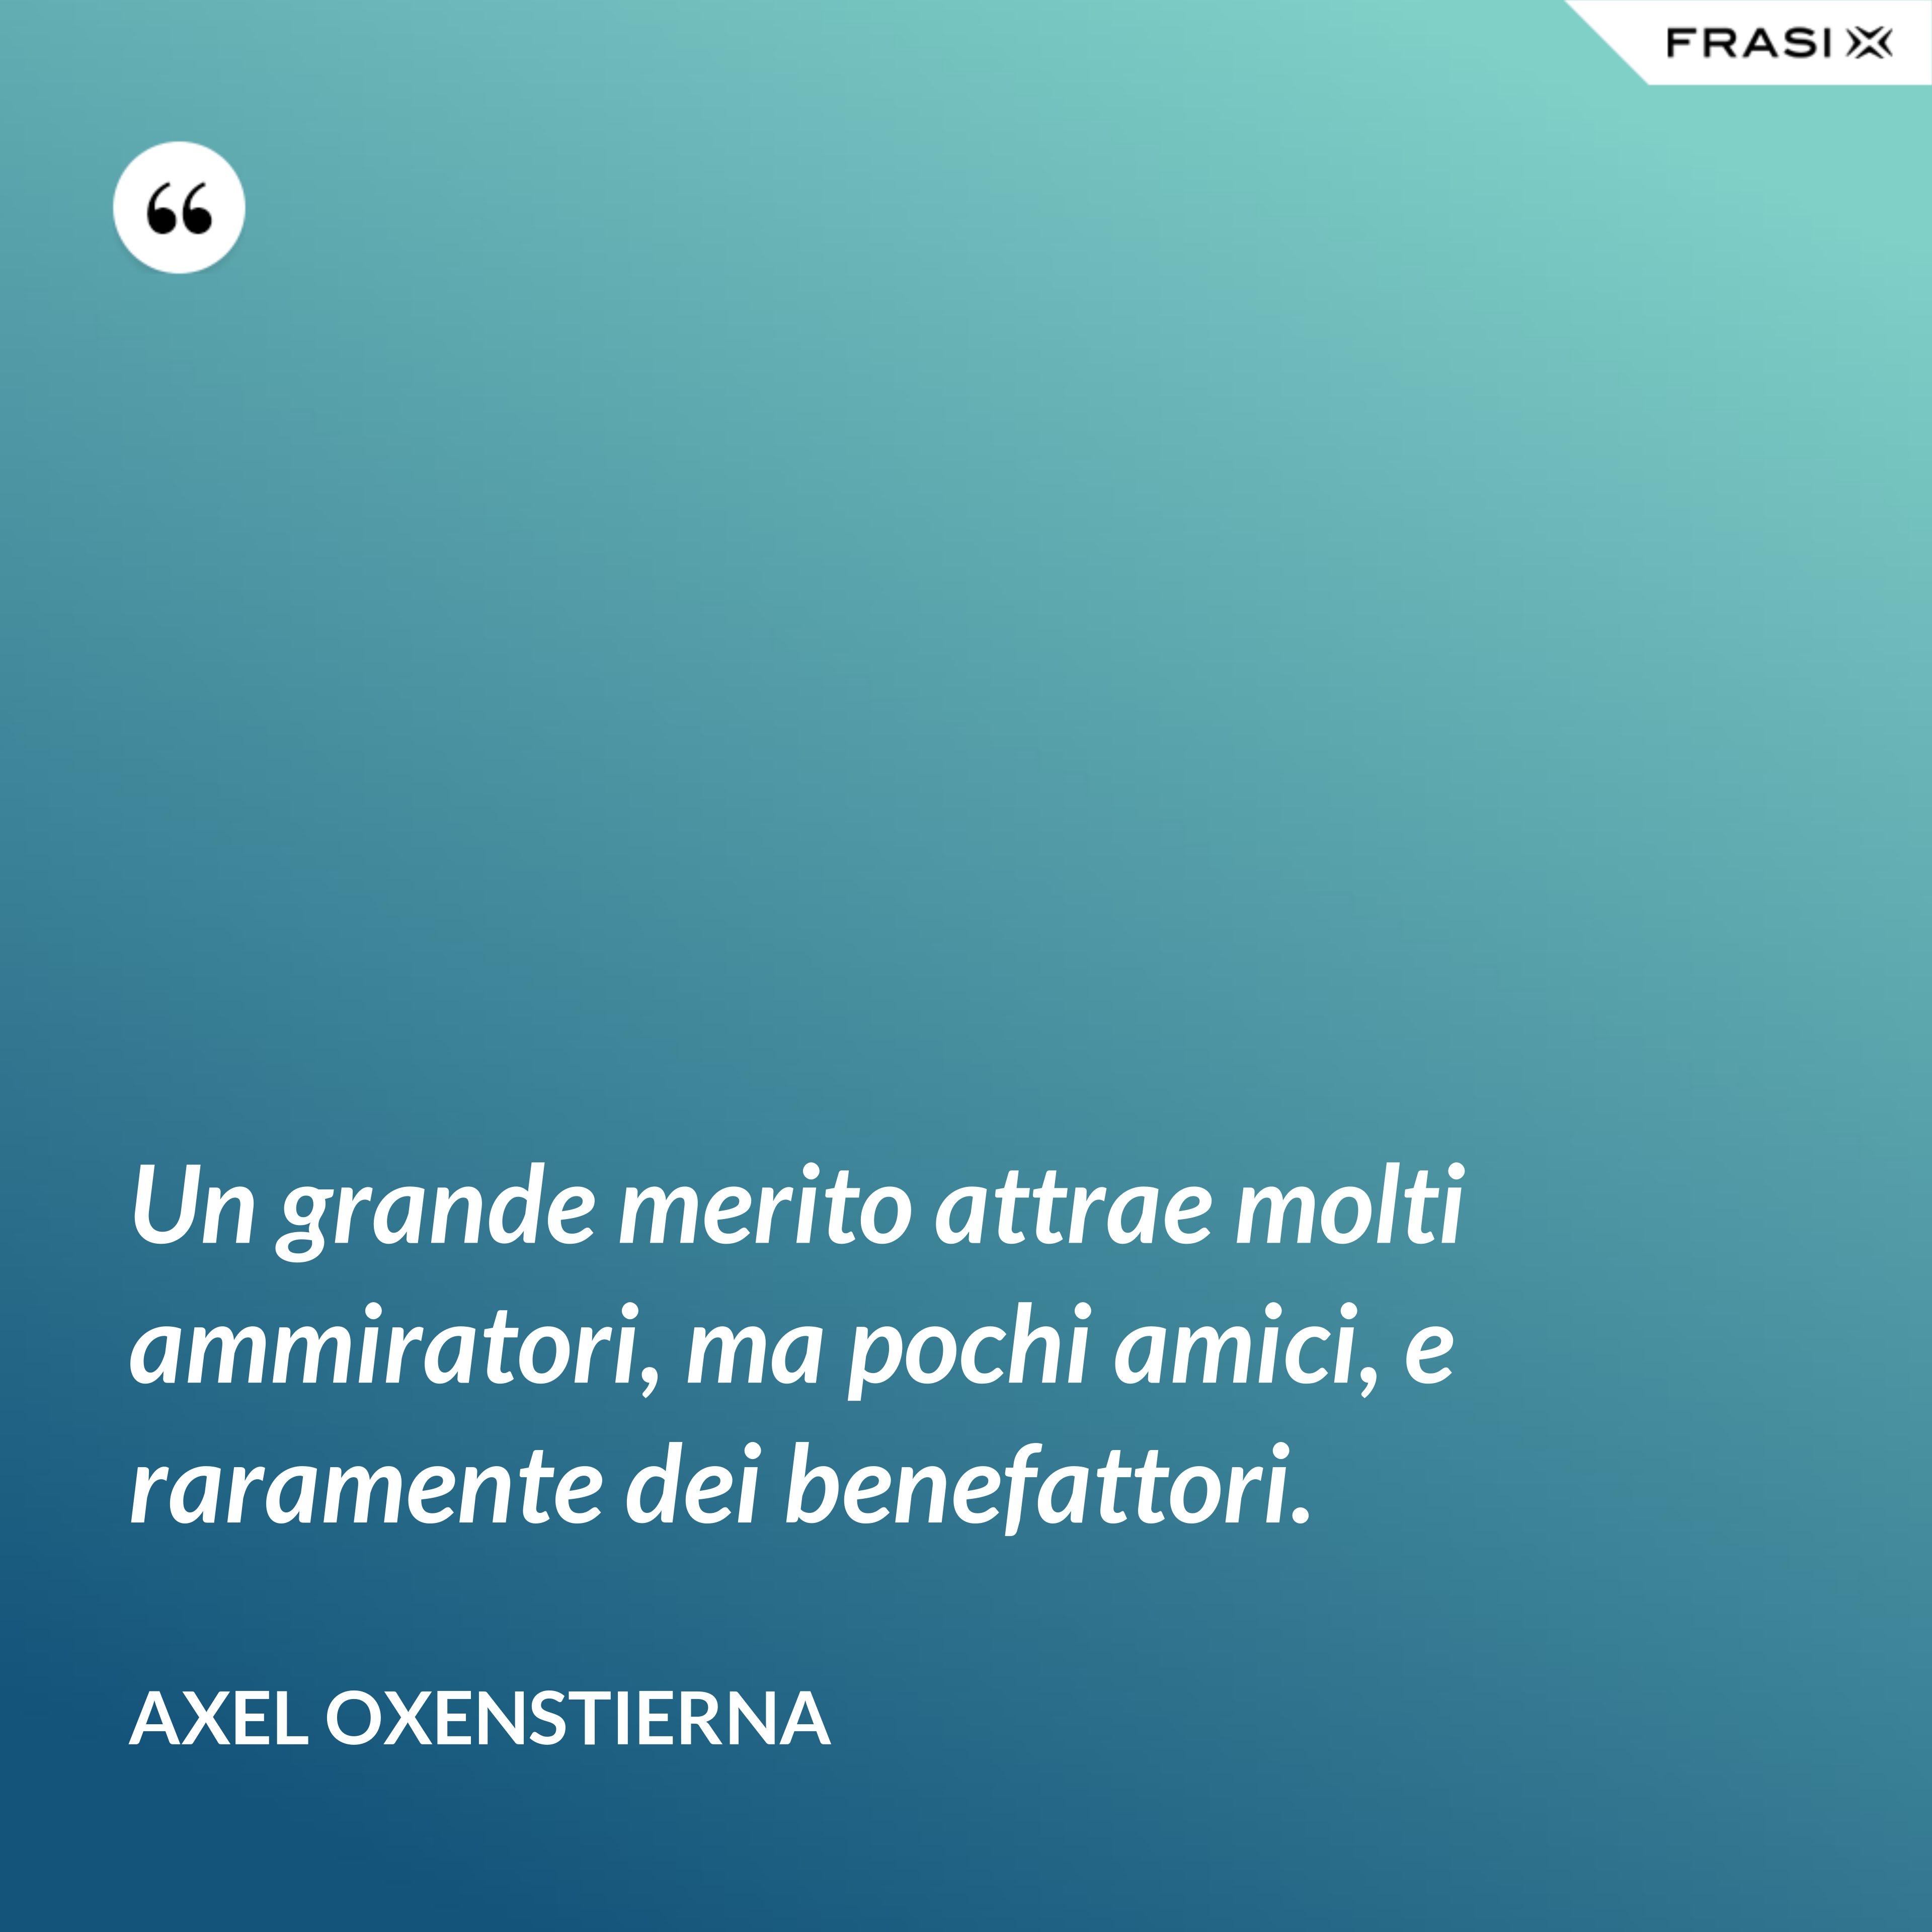 Un grande merito attrae molti ammiratori, ma pochi amici, e raramente dei benefattori. - Axel Oxenstierna